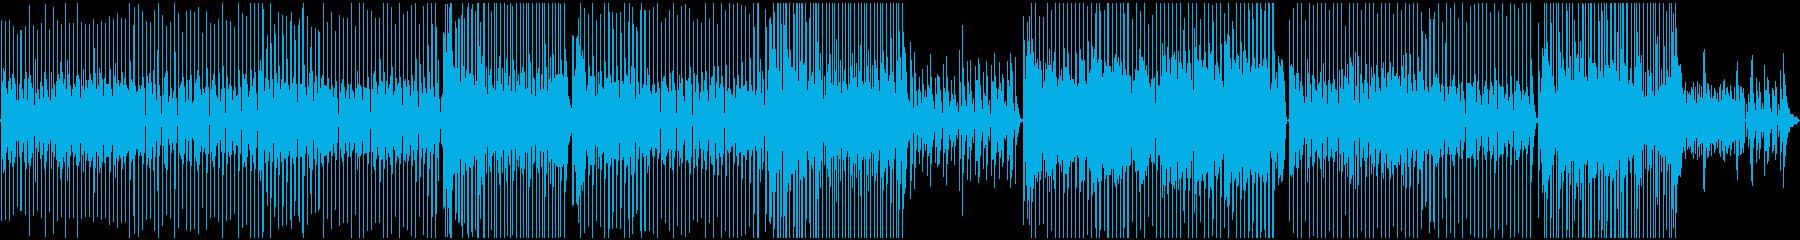 ブラジルのリズムと地中海の歌。の再生済みの波形